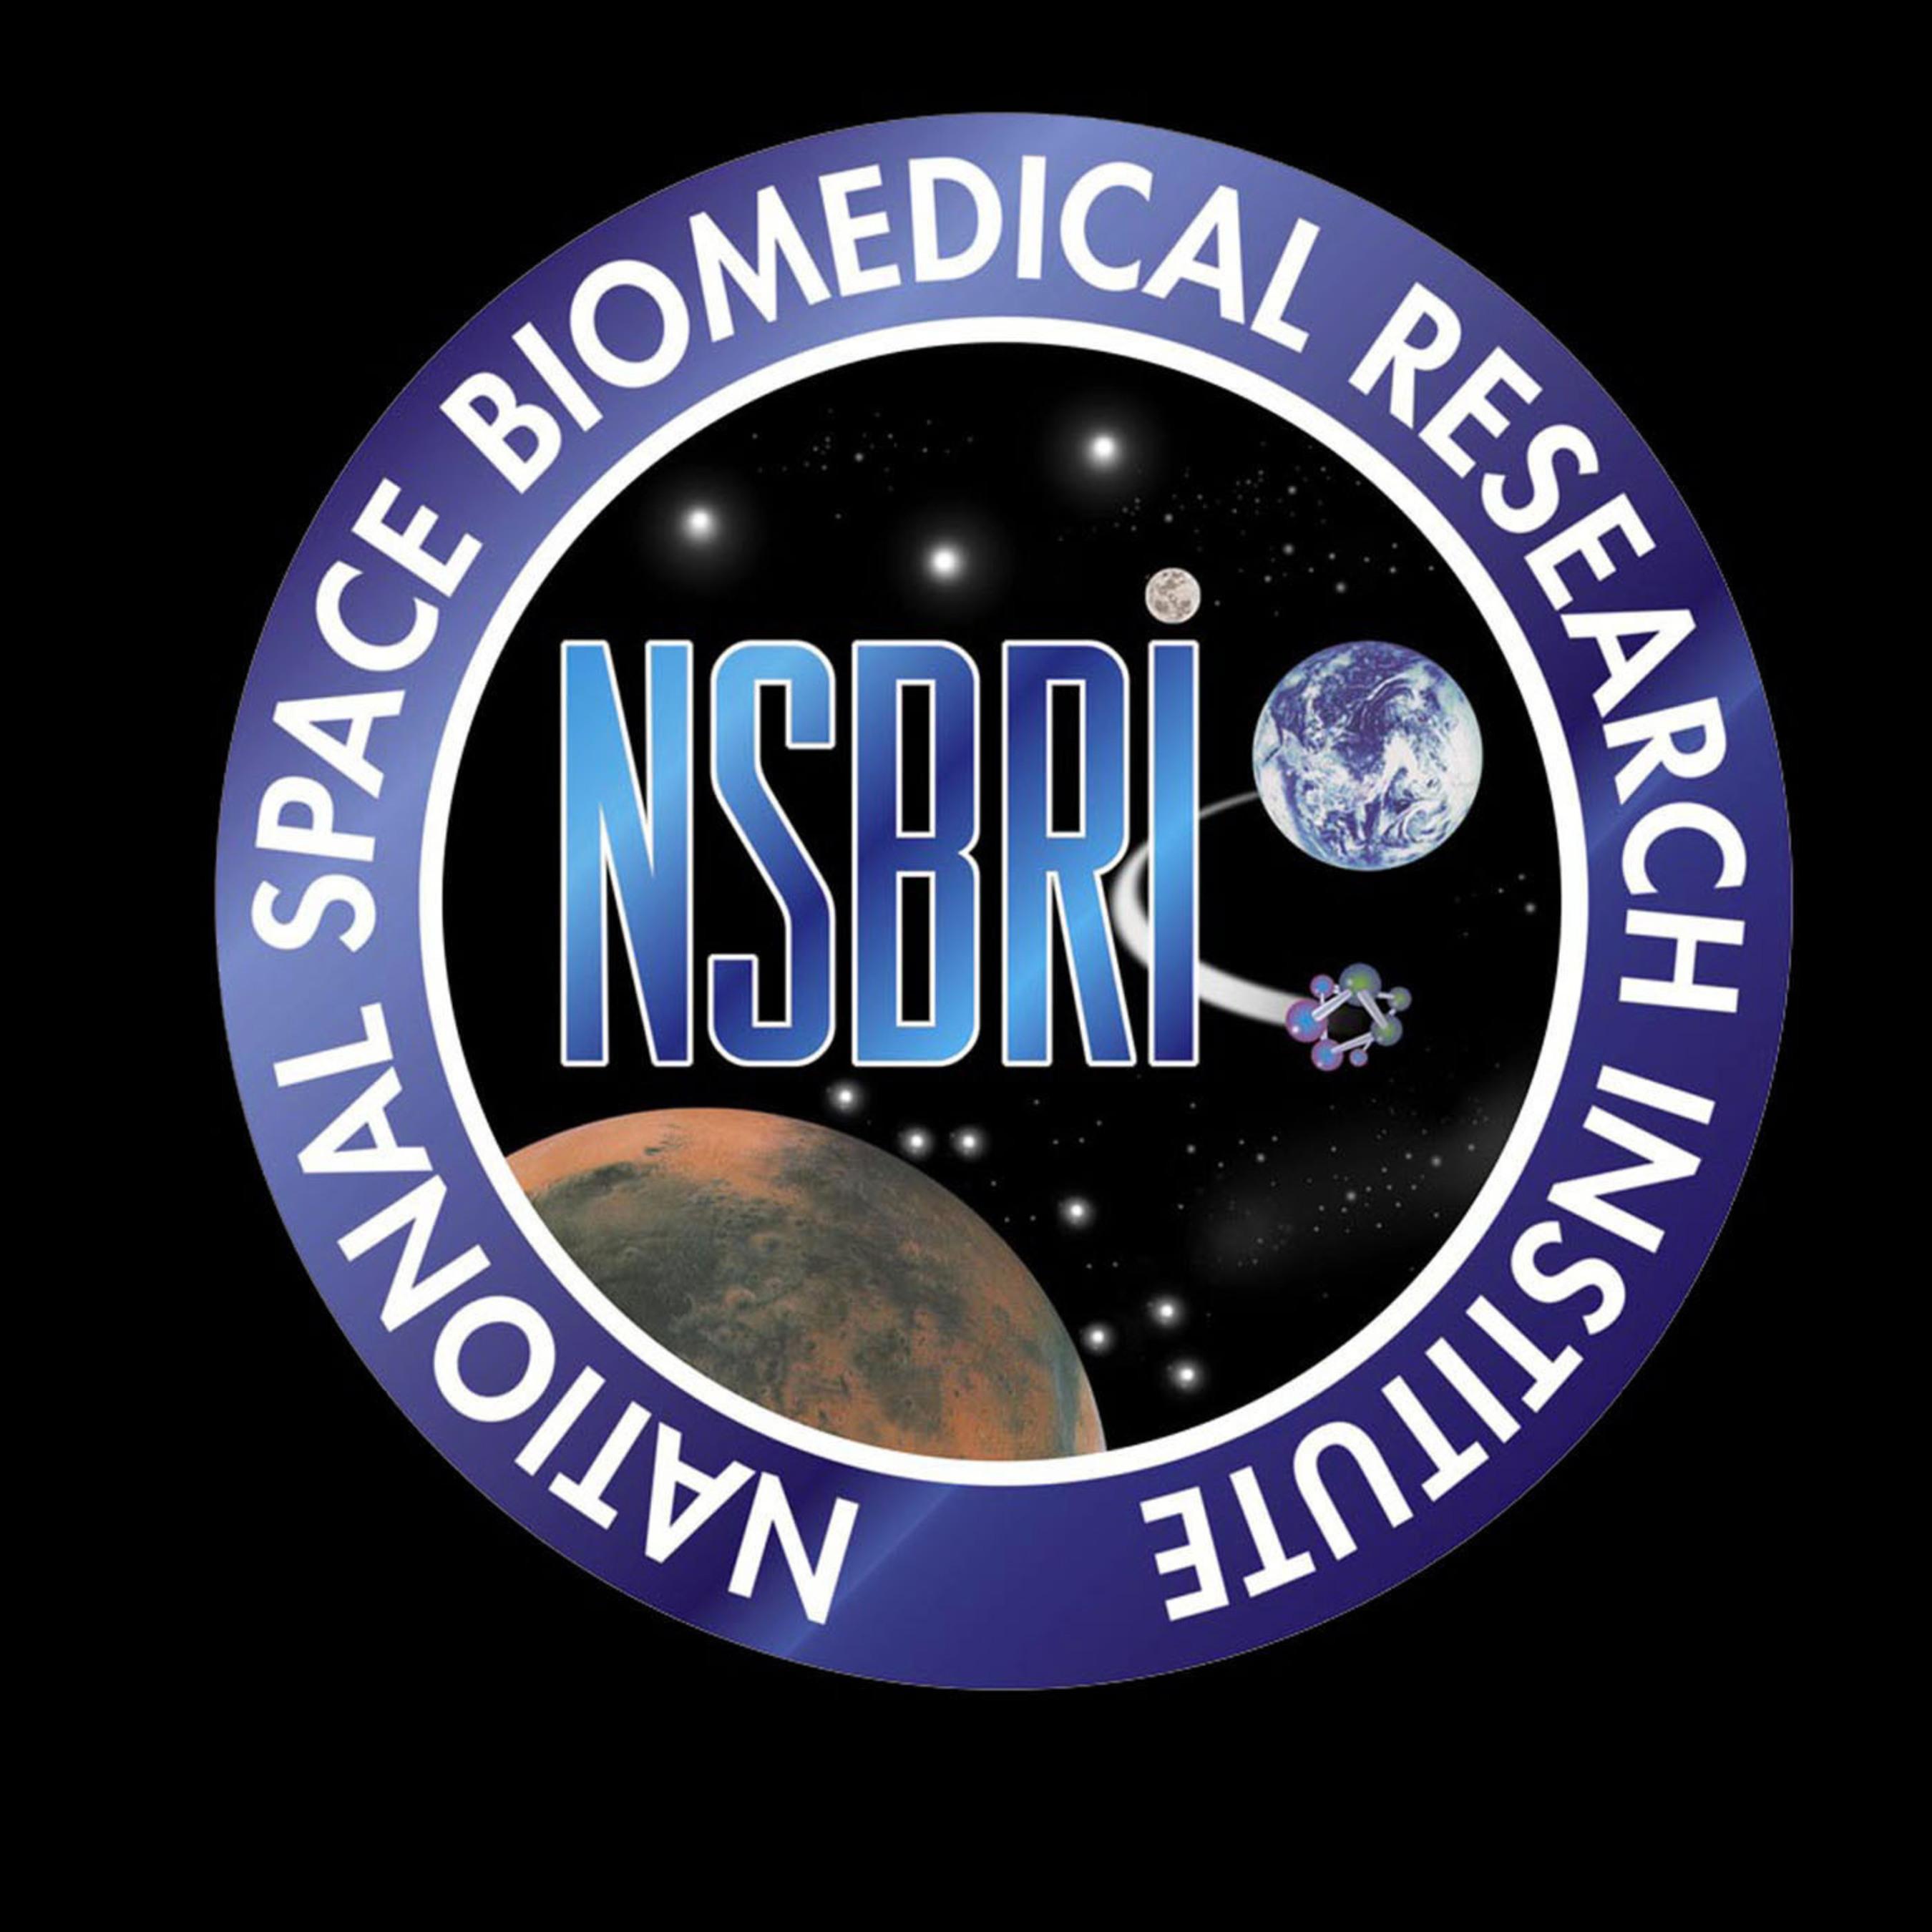 National Space Biomedical Research Institute (NSBRI) logo